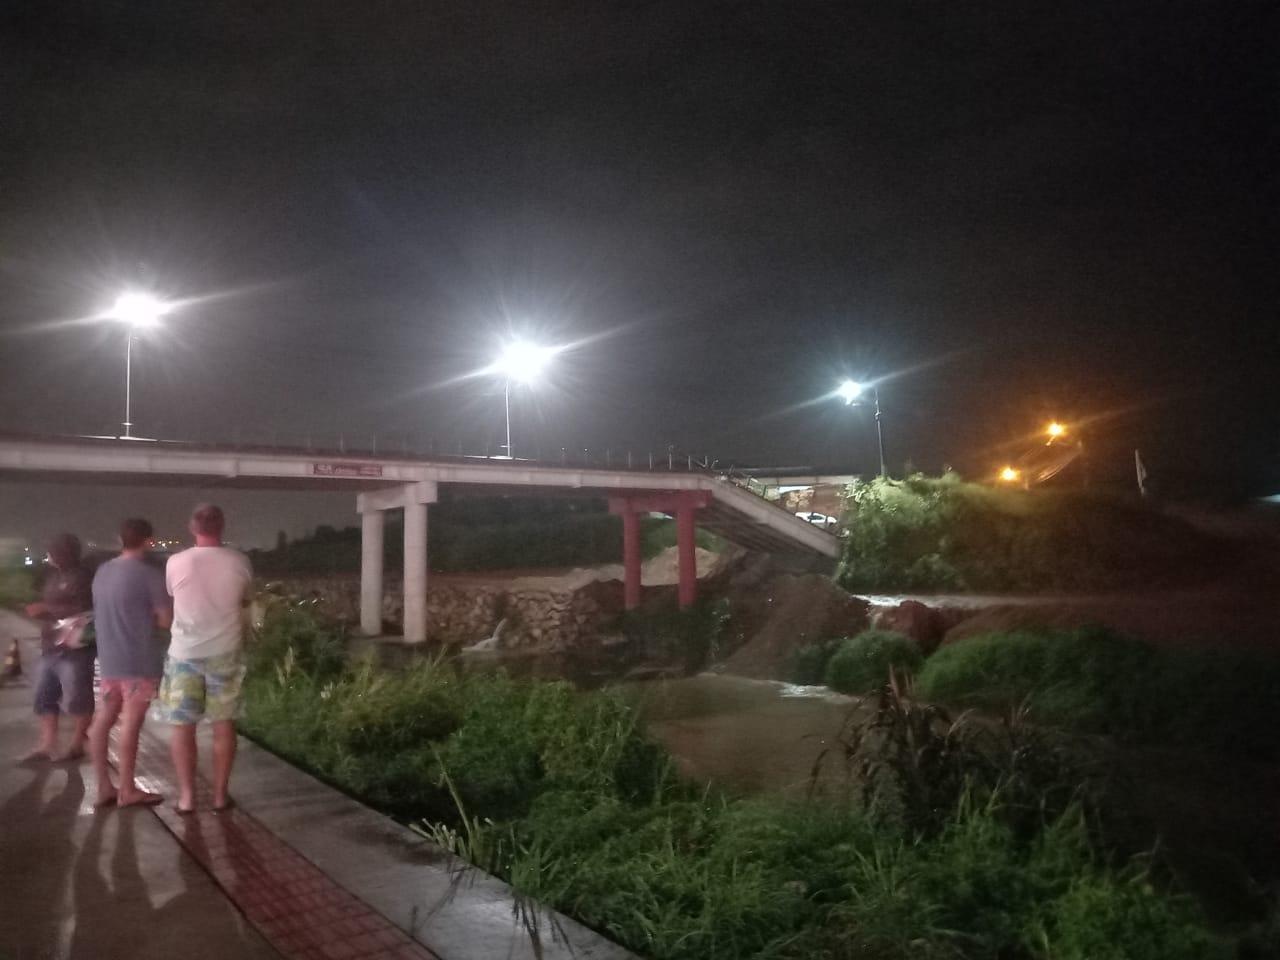 Uma adutora que passa pela ponte rompeu e abastecimento de água na região pode ser afetado - Divulgação/ND